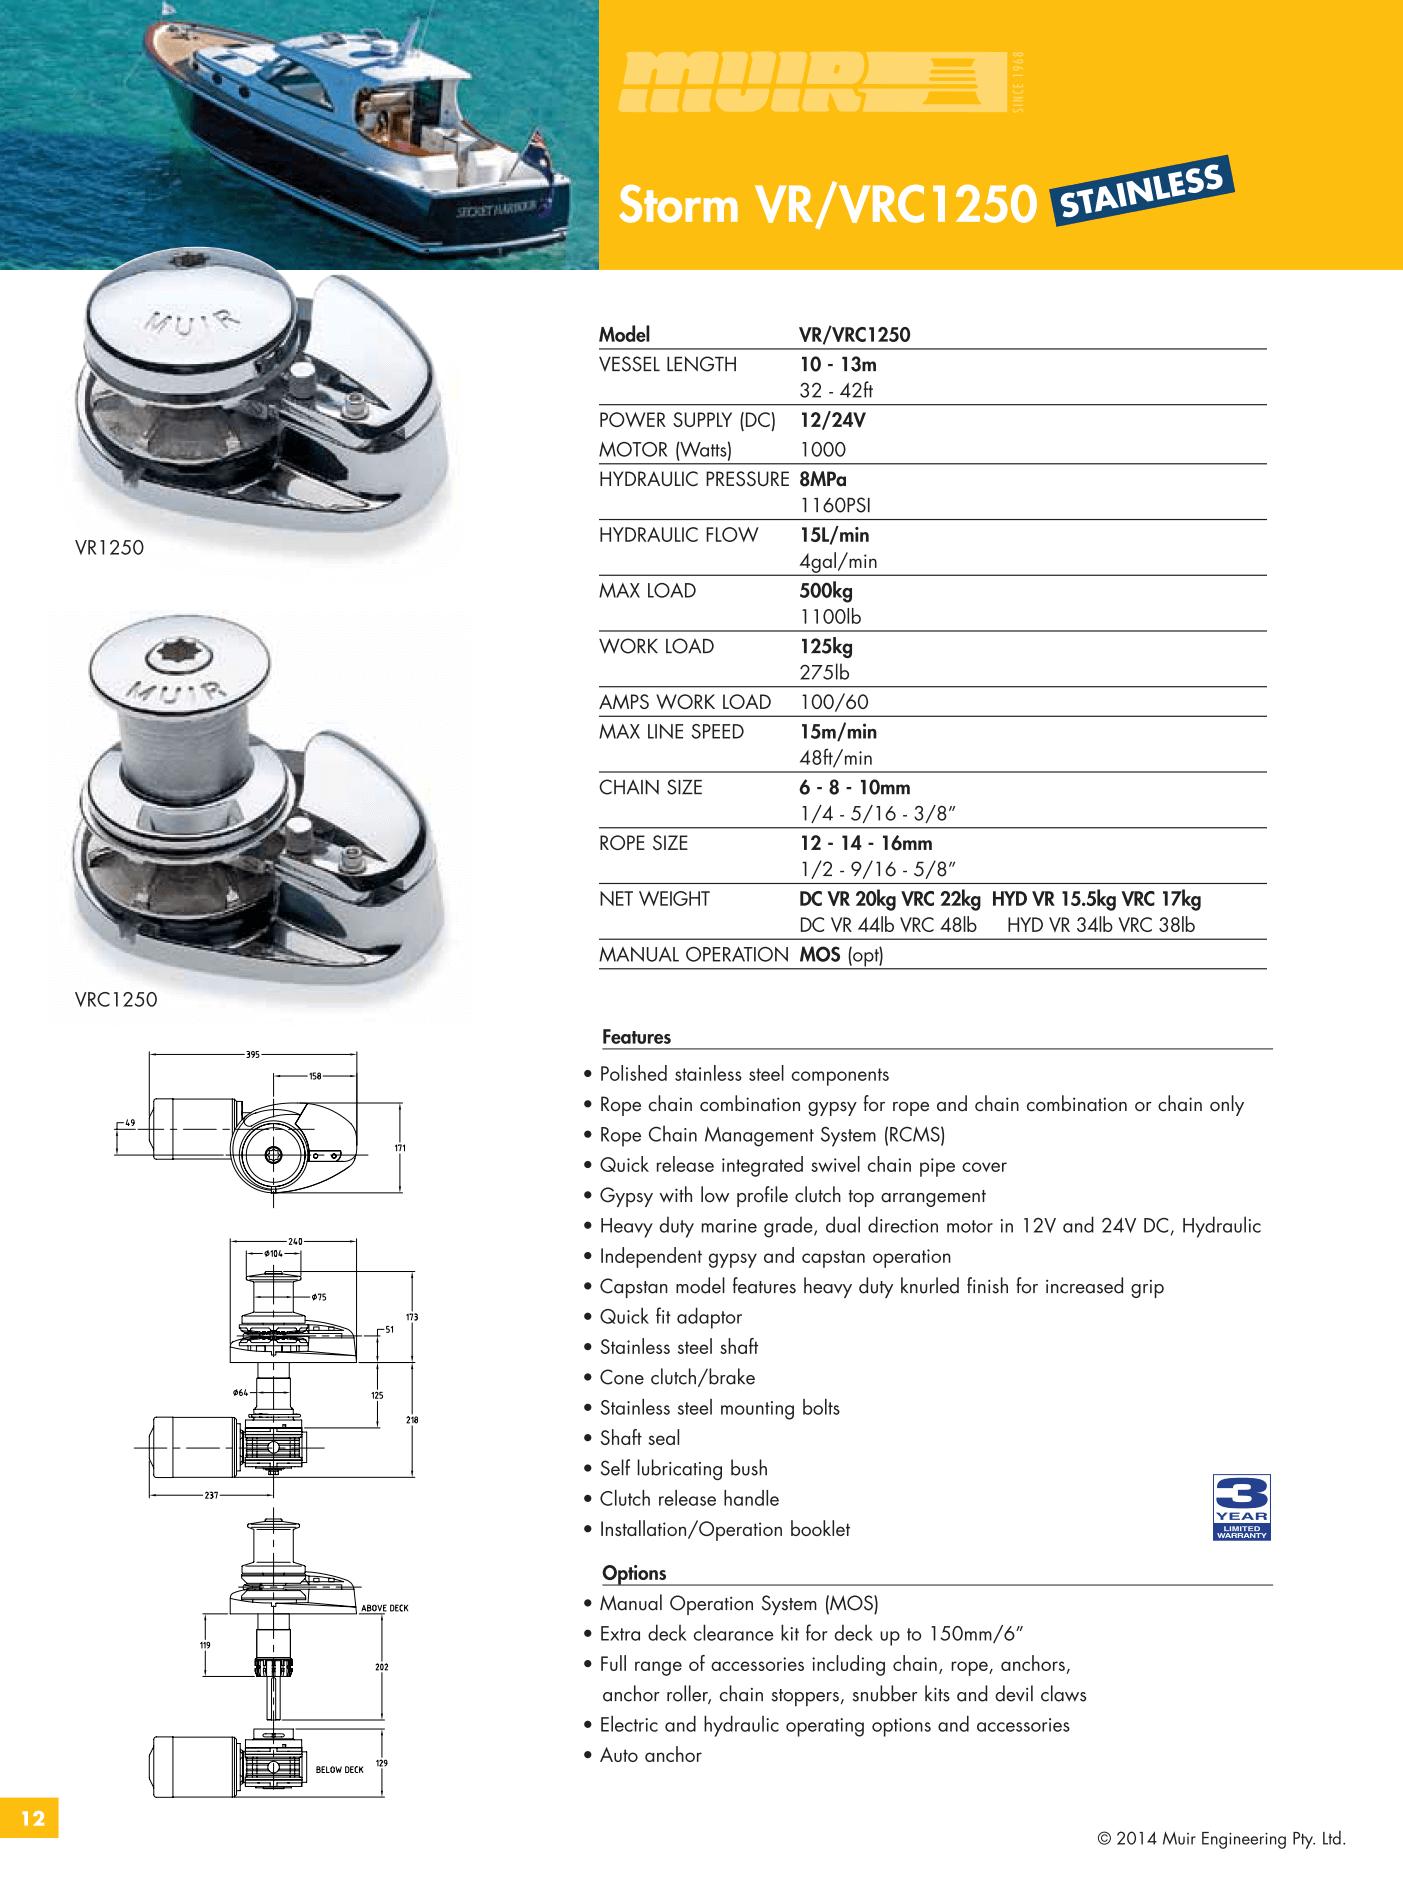 Datenblatt MUIR elektrische vertikale Ankerwinde für Yachten und Sportboote - VR1250 & VRC1250